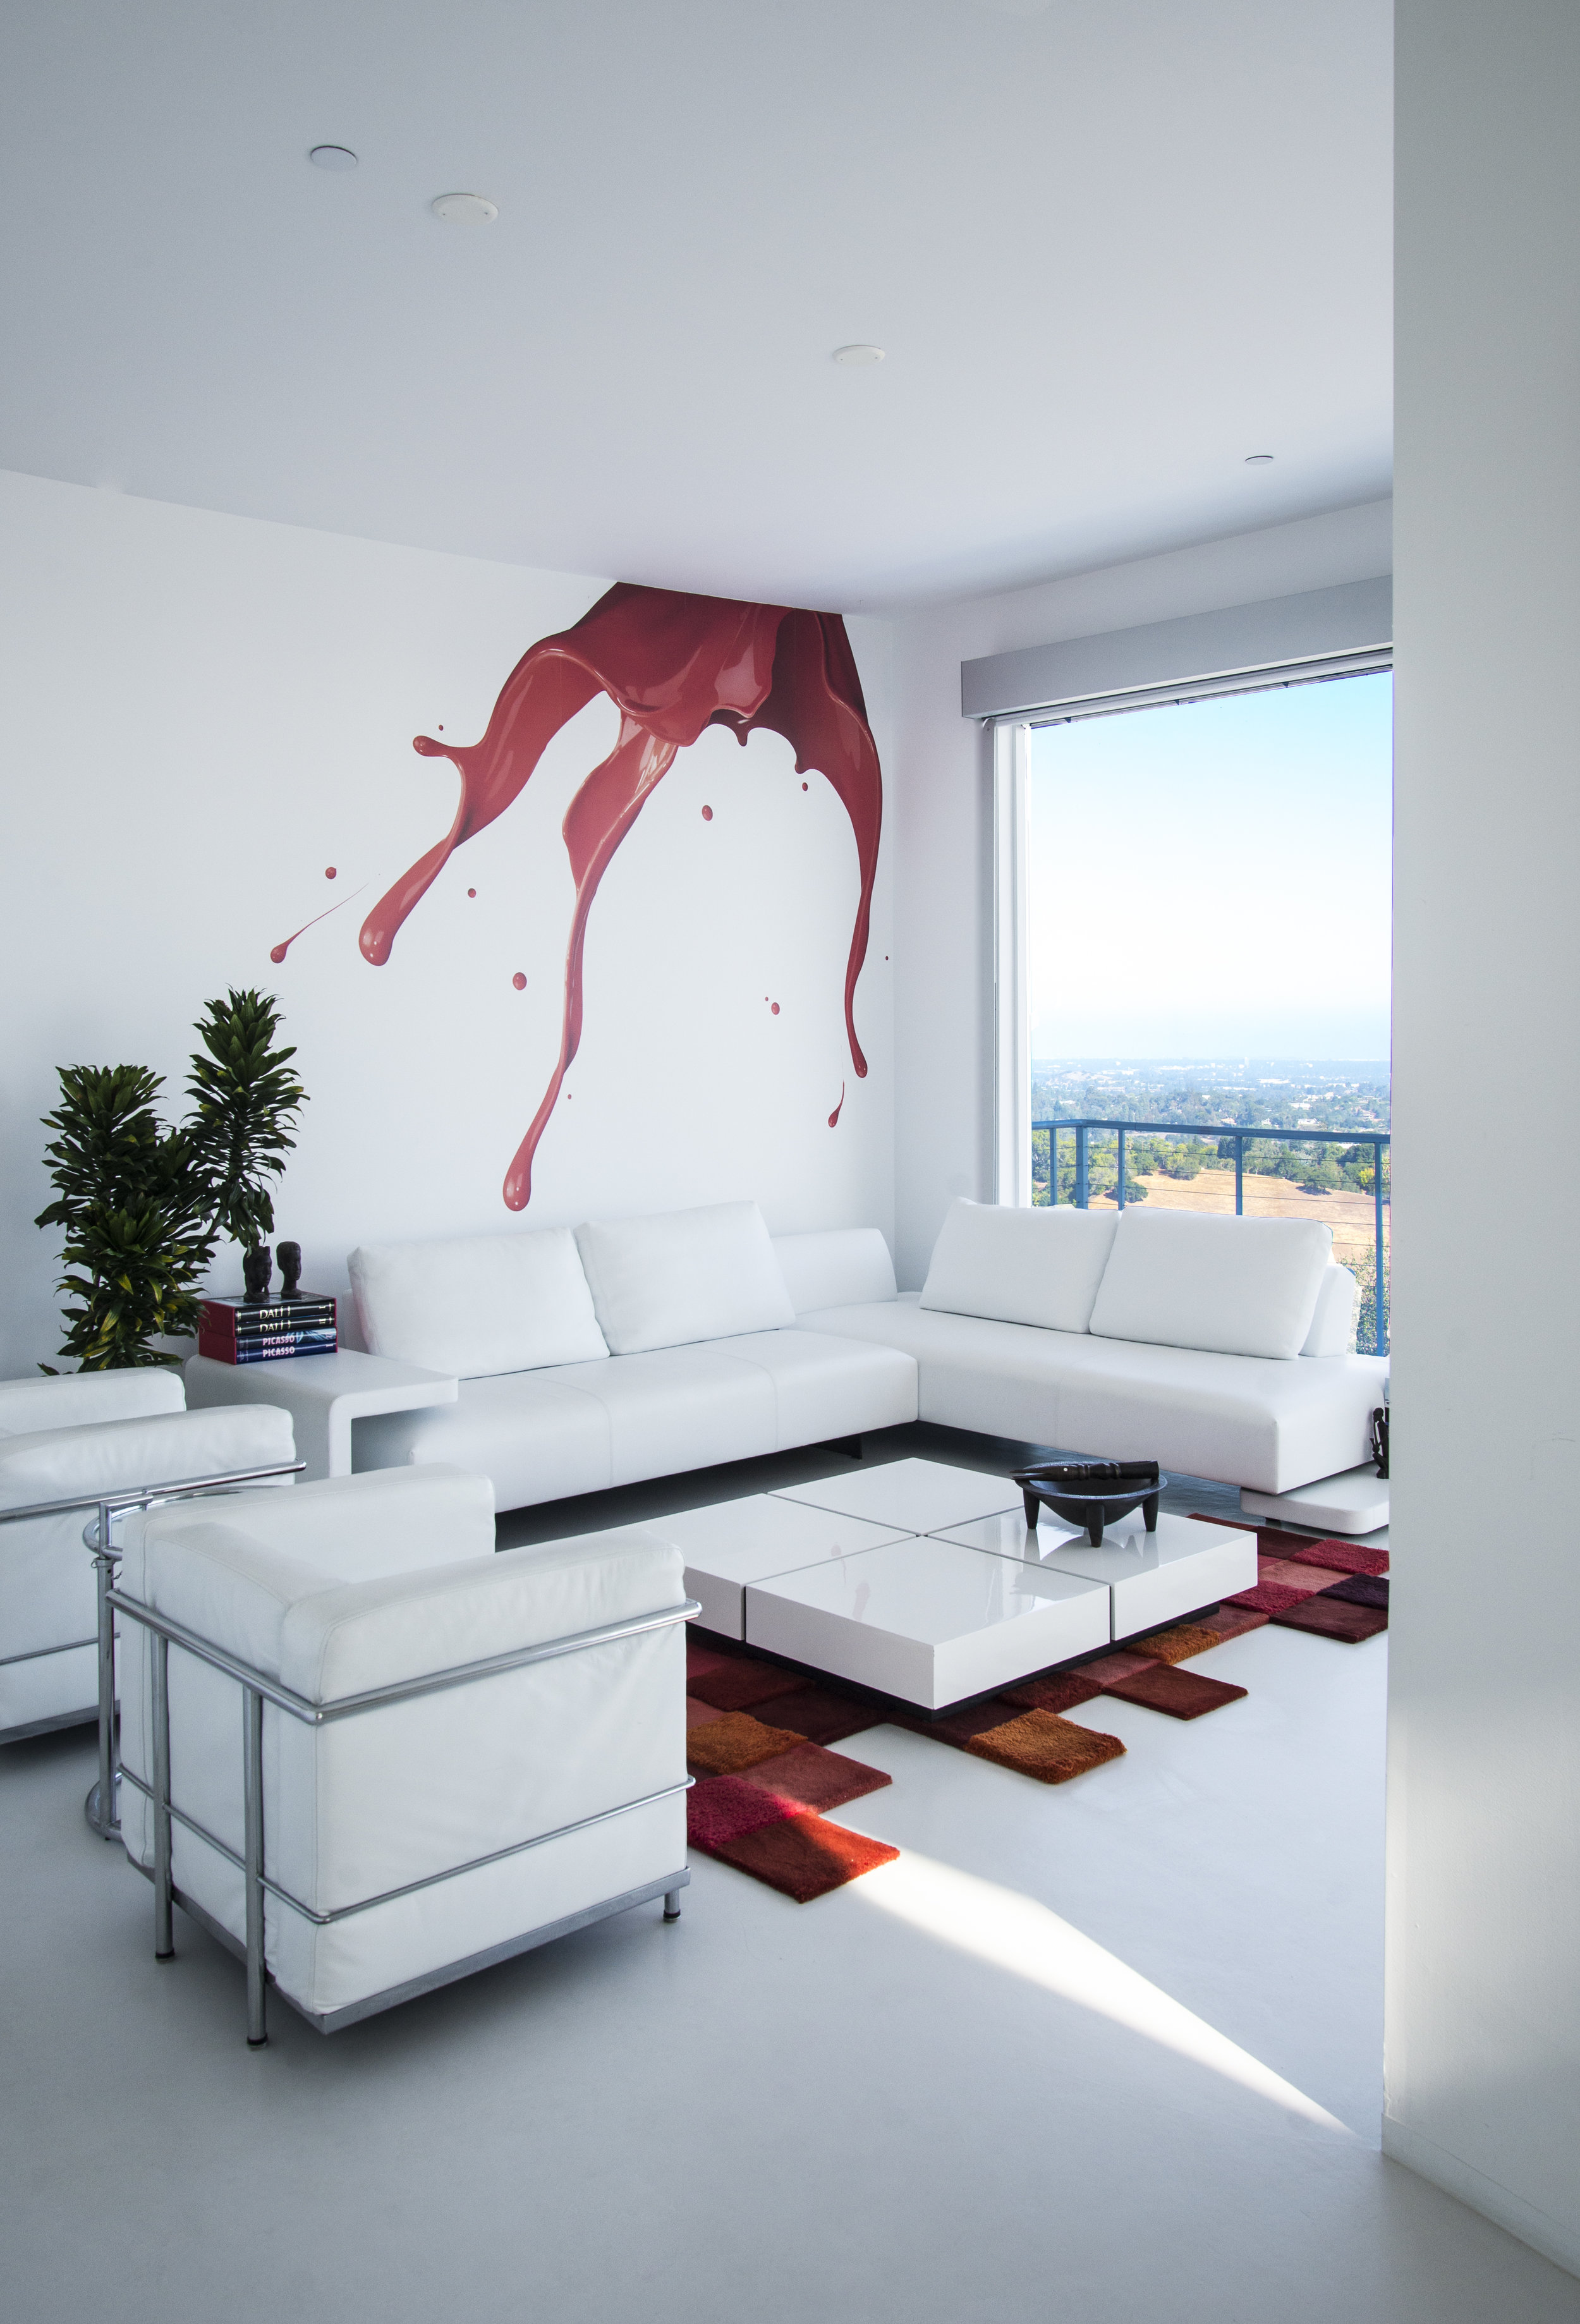 den sofa detail.jpg